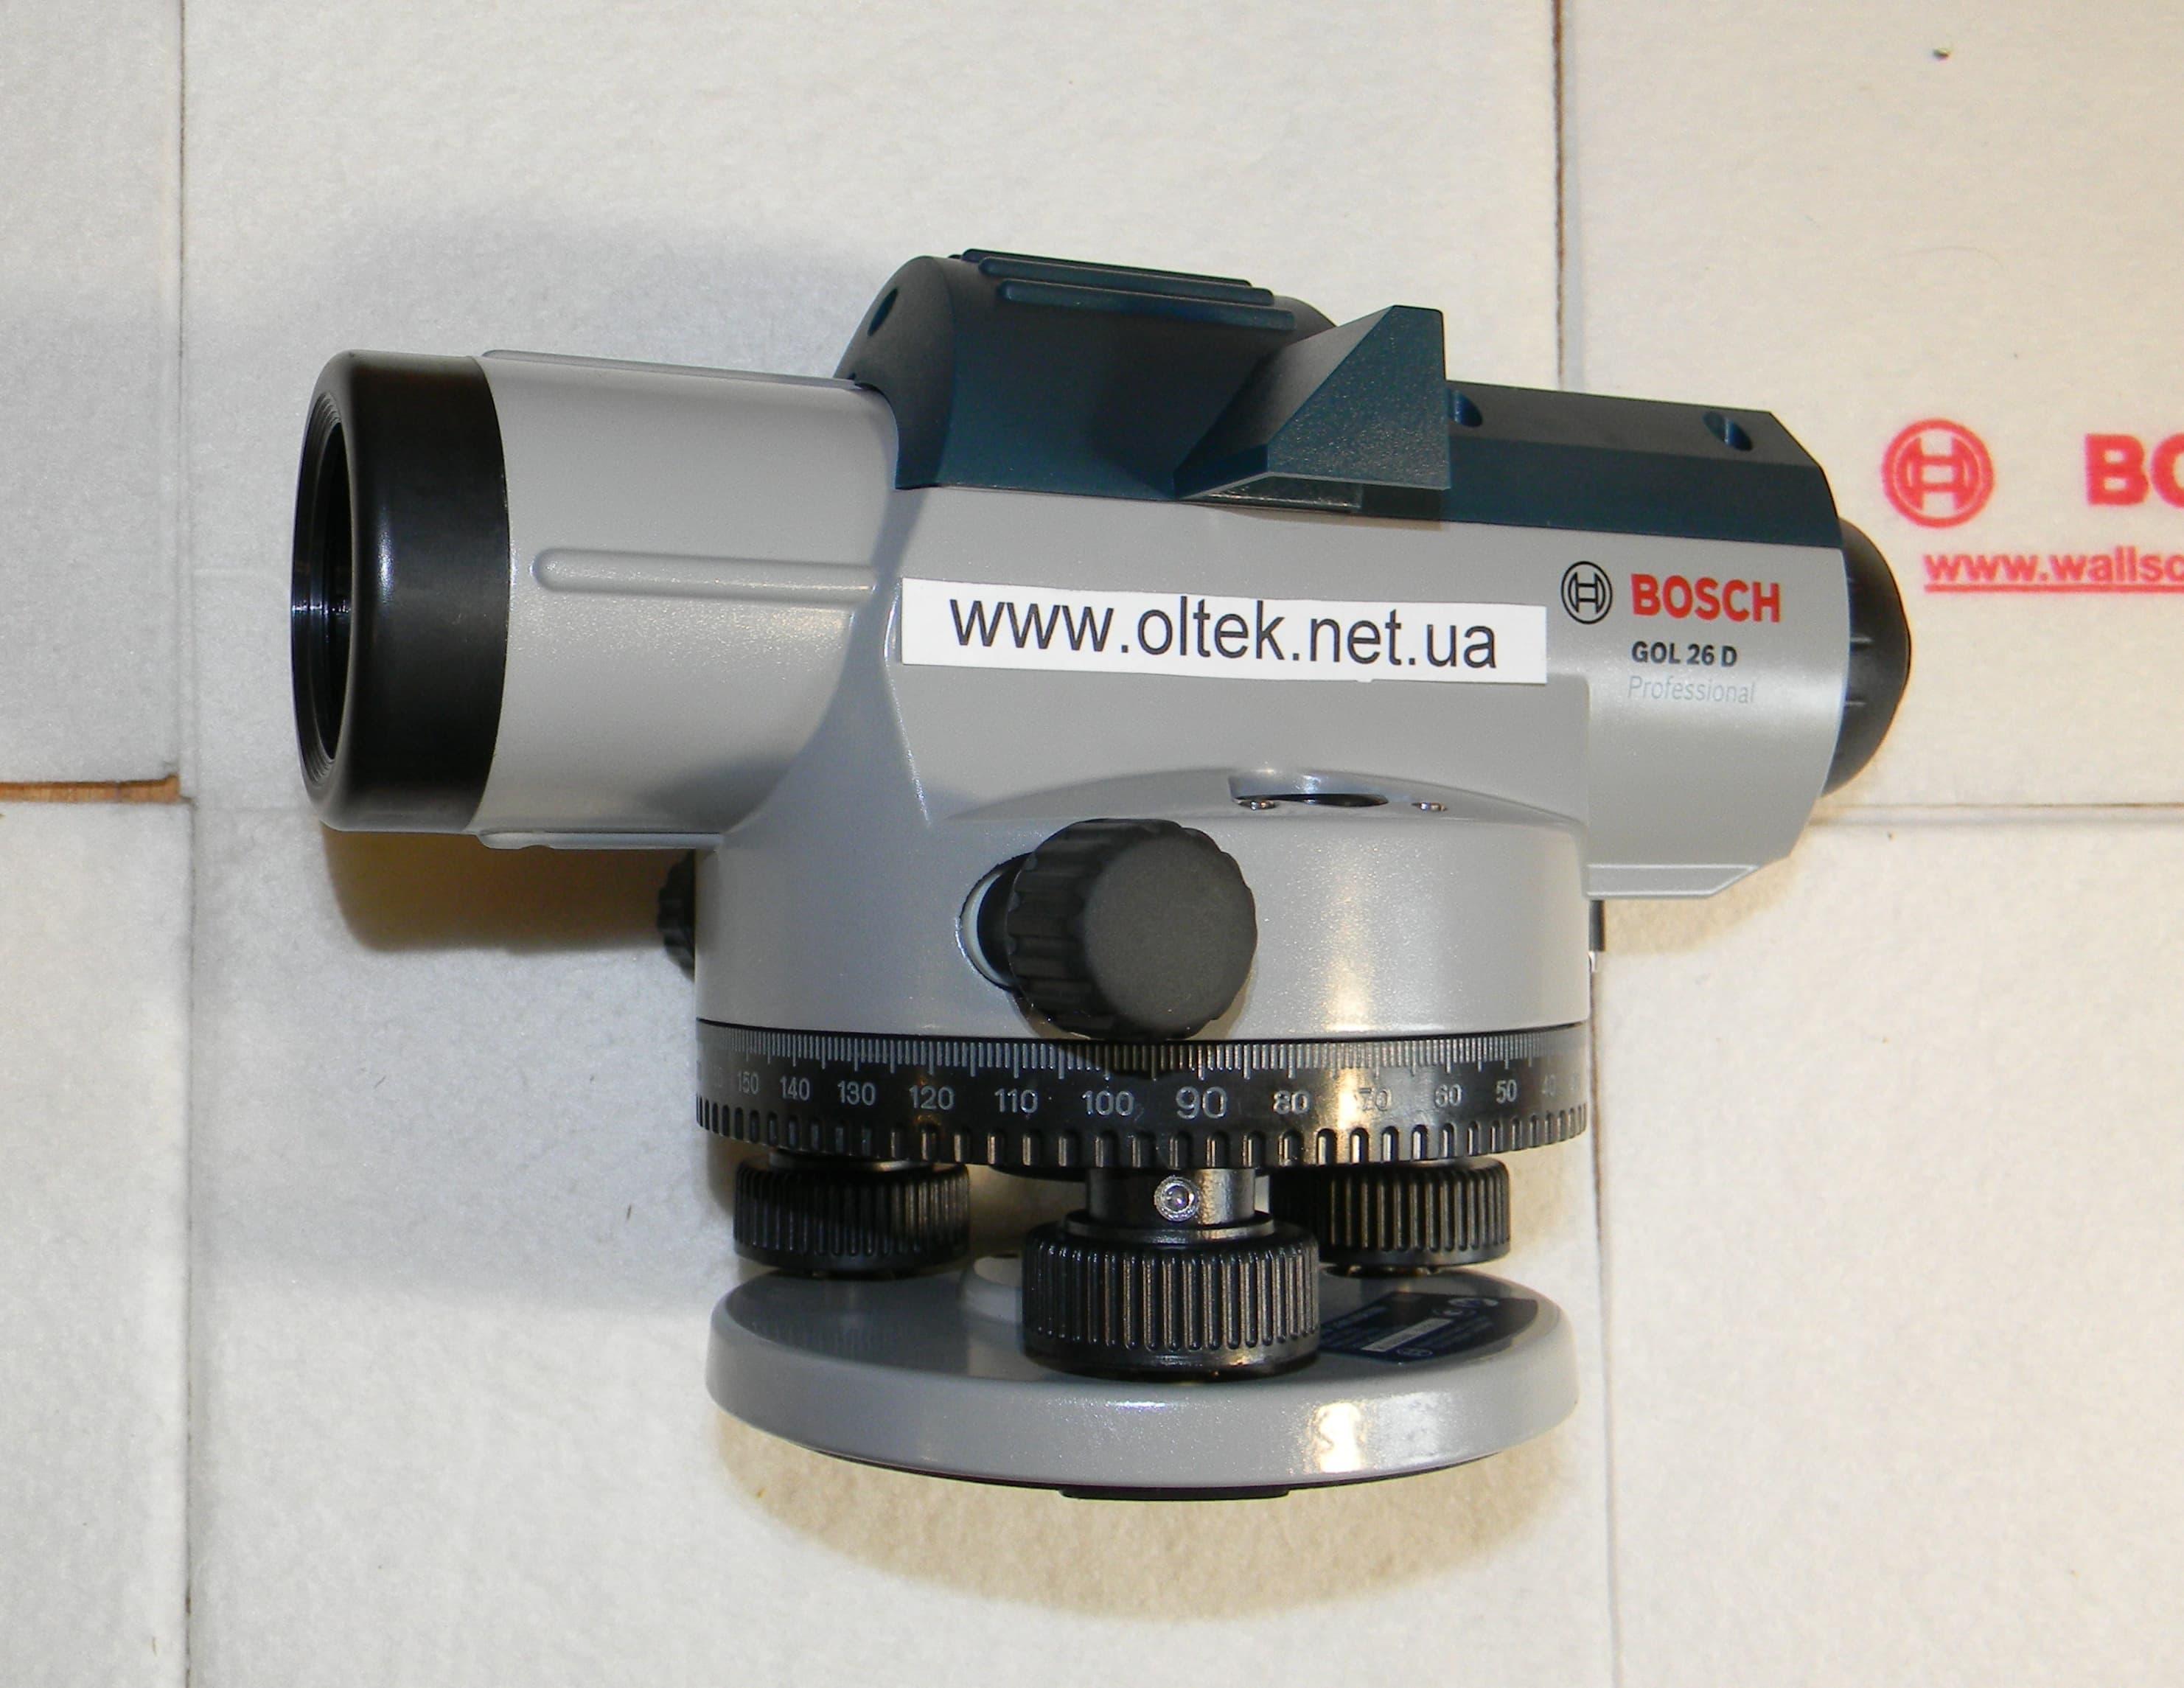 bosch-gol-26